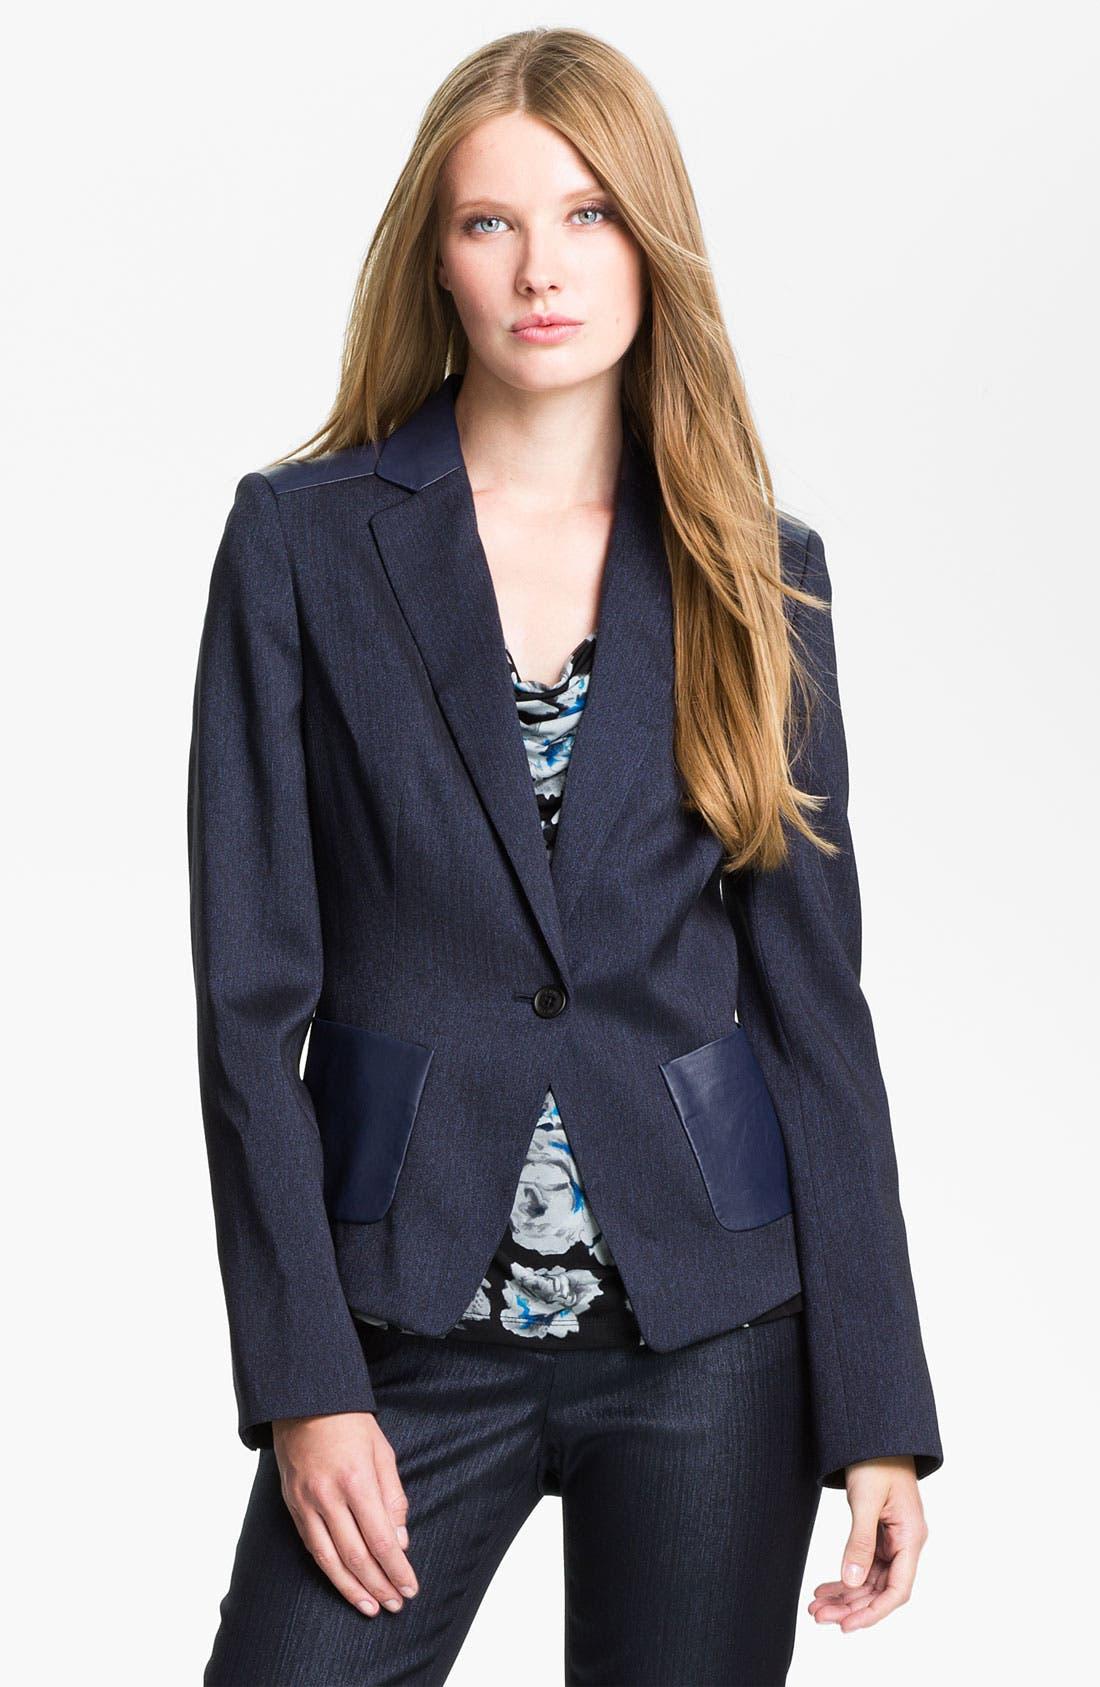 Alternate Image 1 Selected - Anne Klein Herringbone Jacket (Petite)